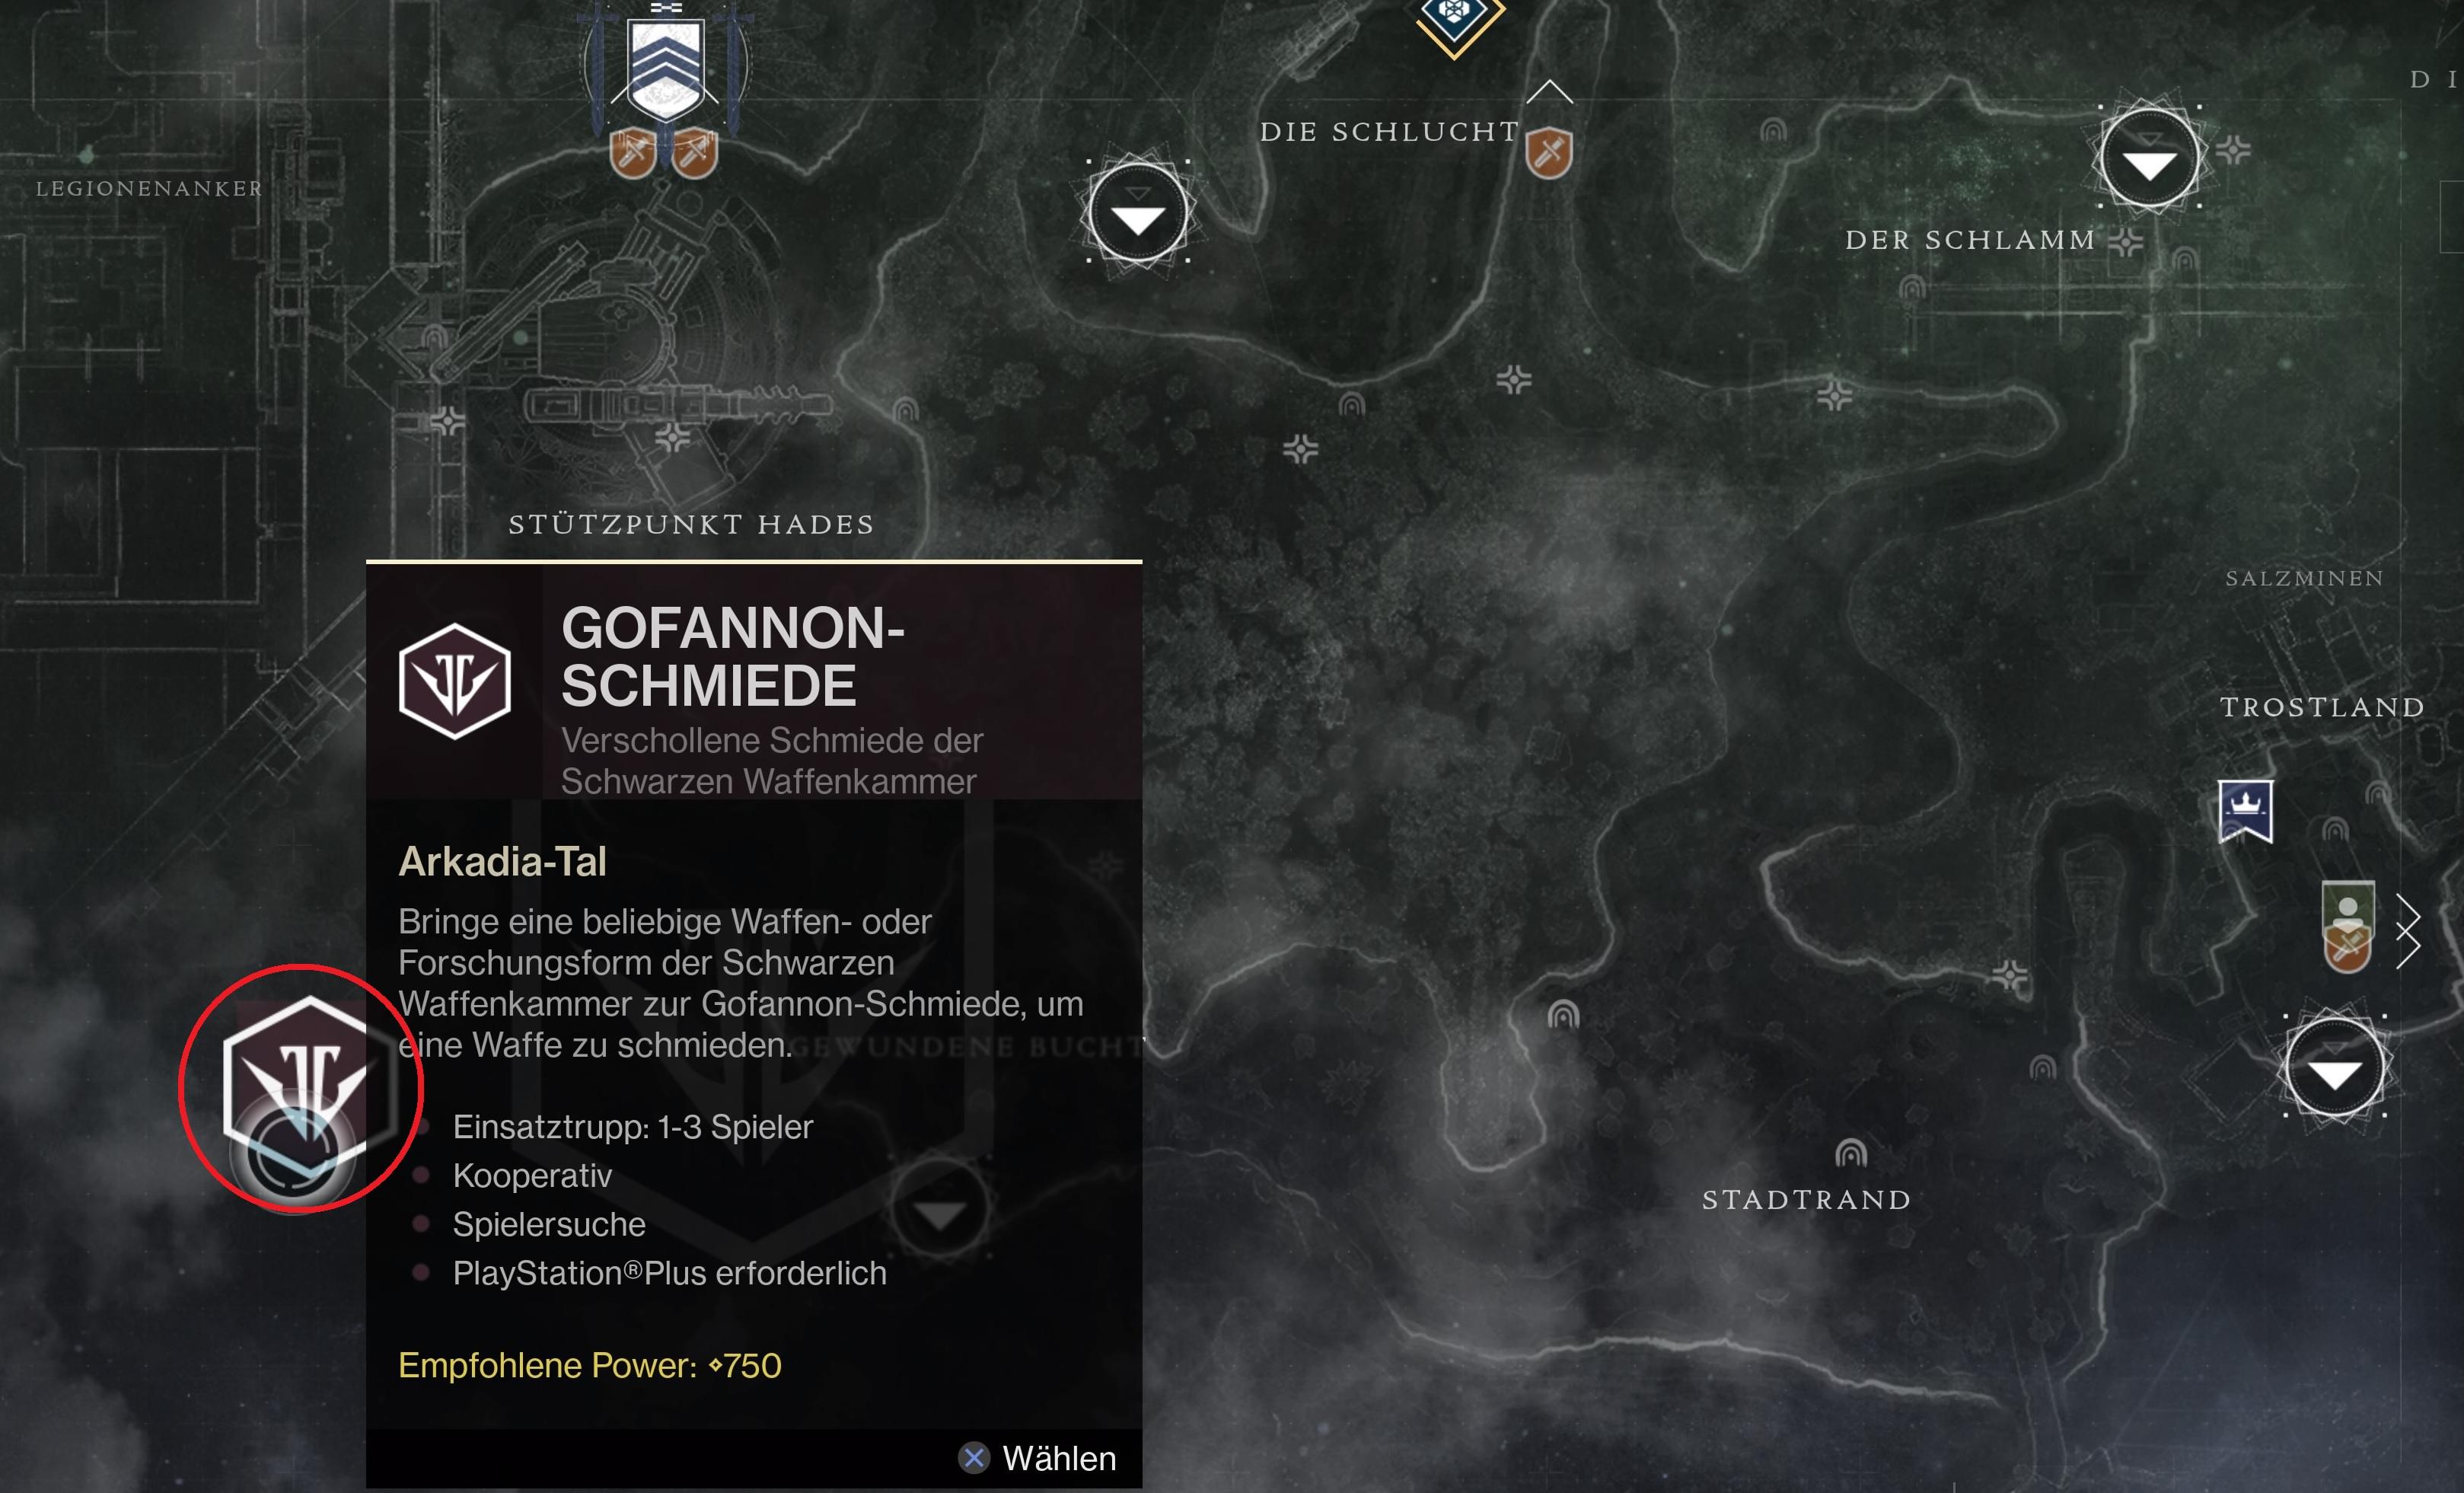 Eine der stärksten Exo-Waffen in Destiny 2 ist aktuell fast unerreichbar